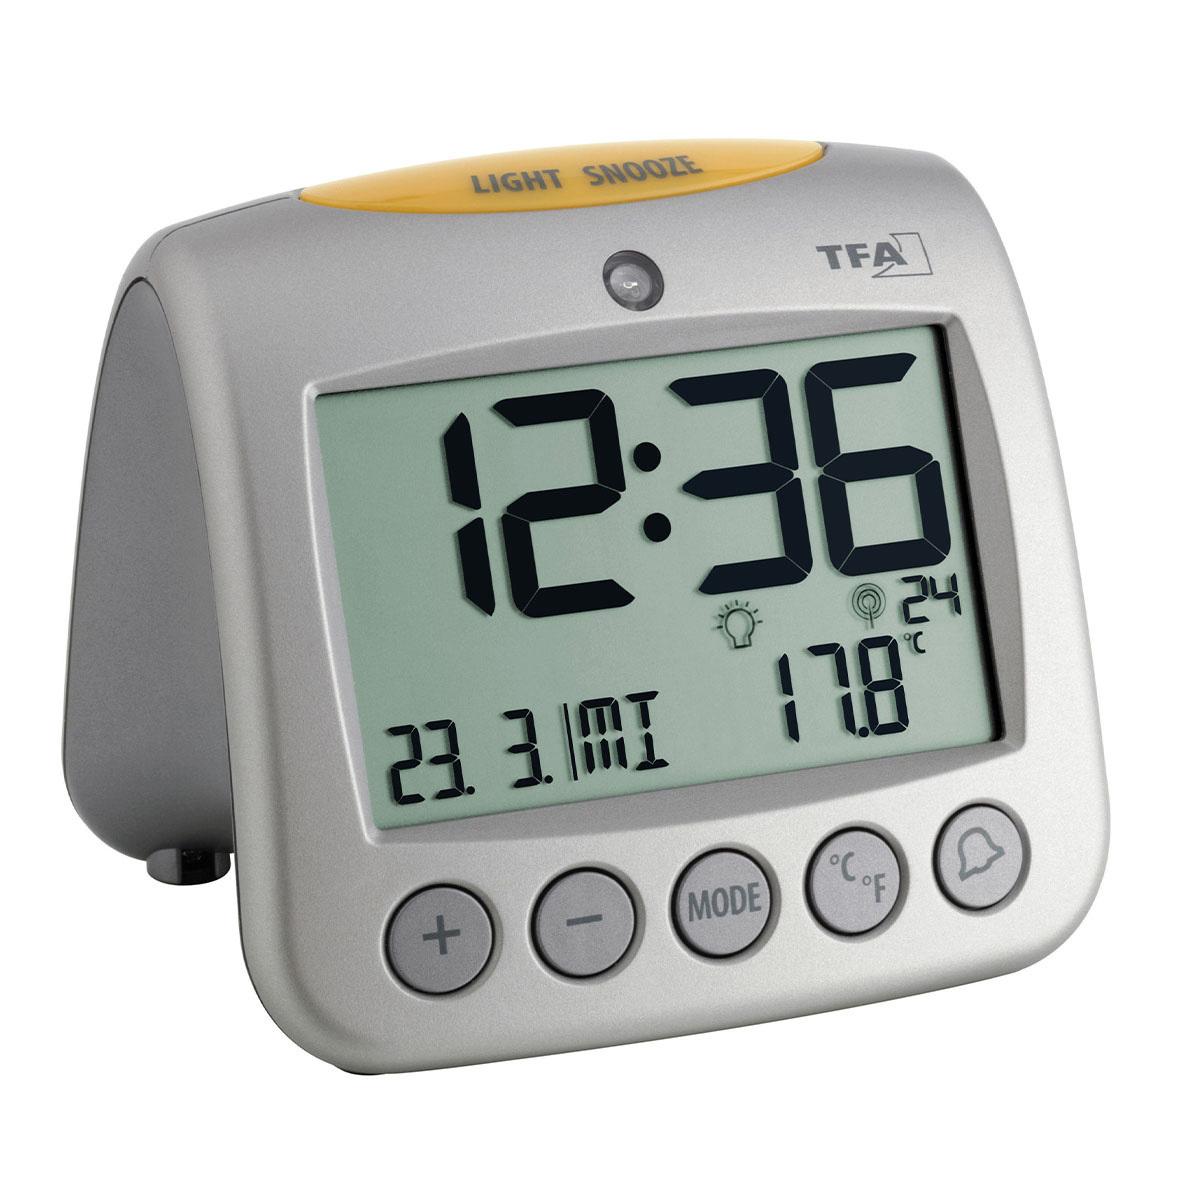 60-2514-digitaler-funk-wecker-mit-temperatur-sonio-1200x1200px.jpg